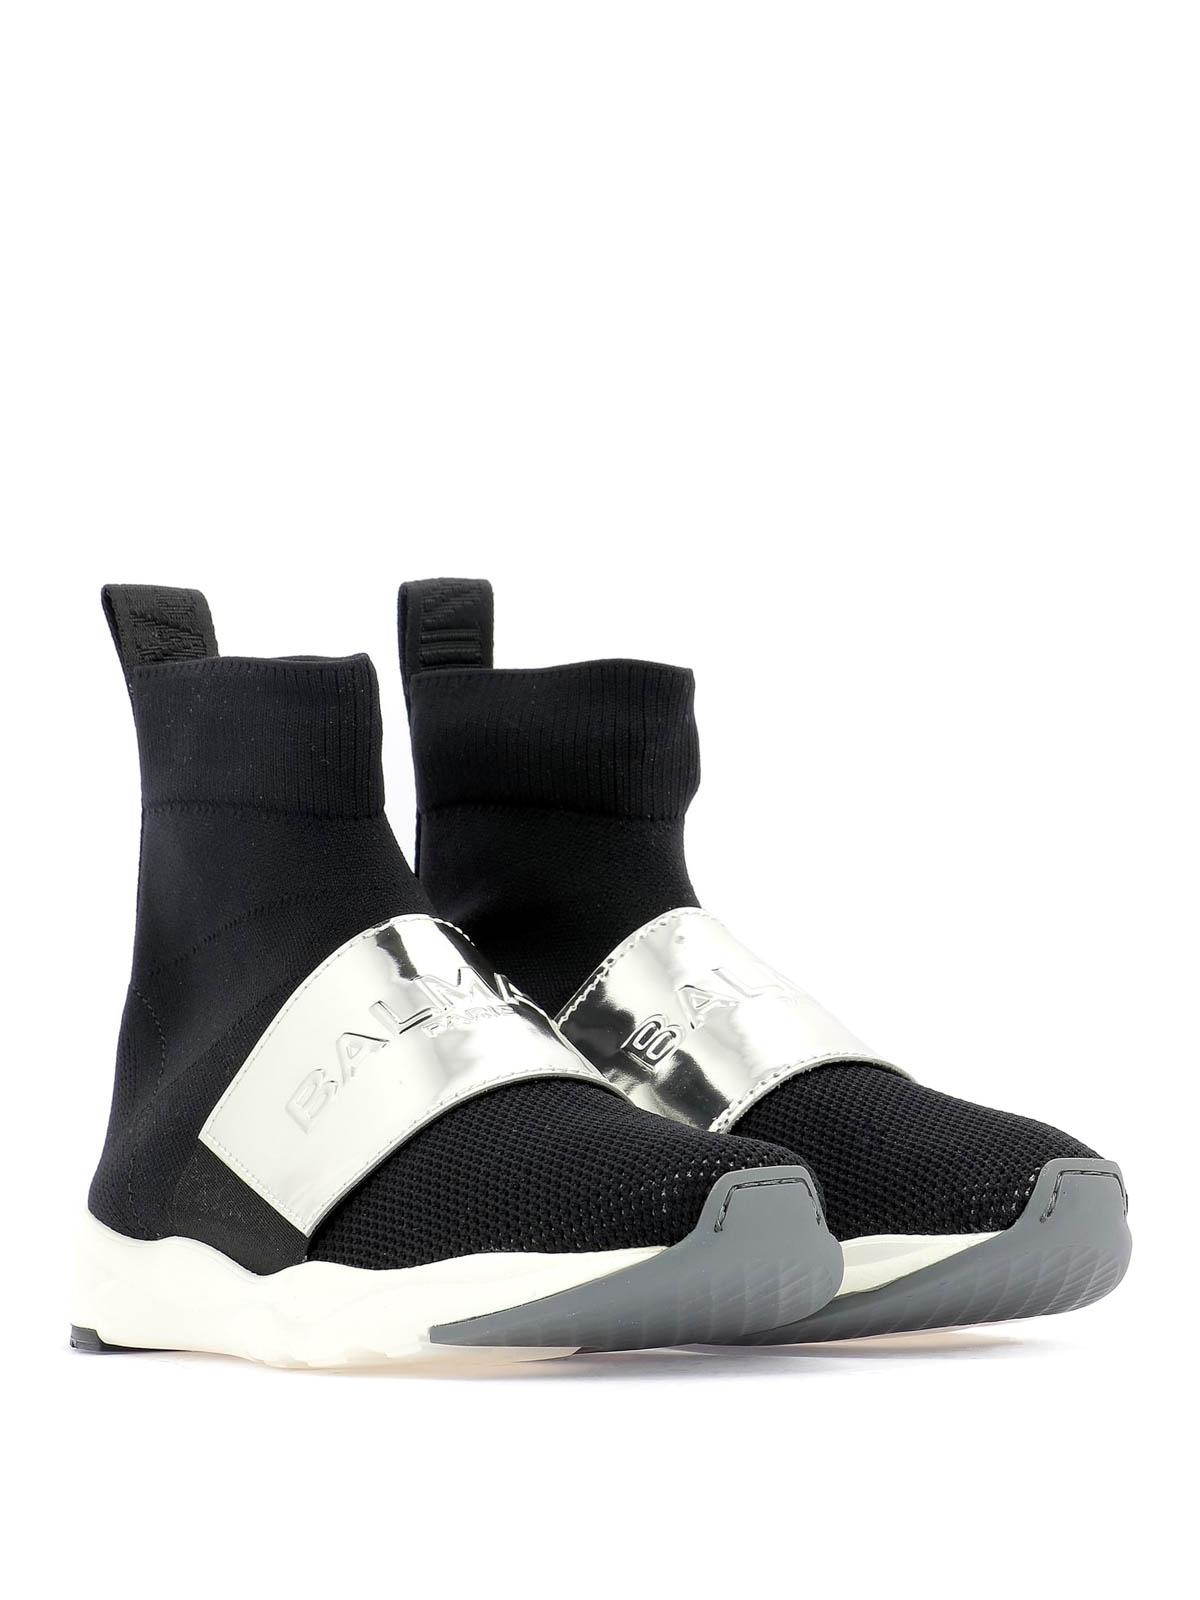 Balmain - Cameron black sock sneakers